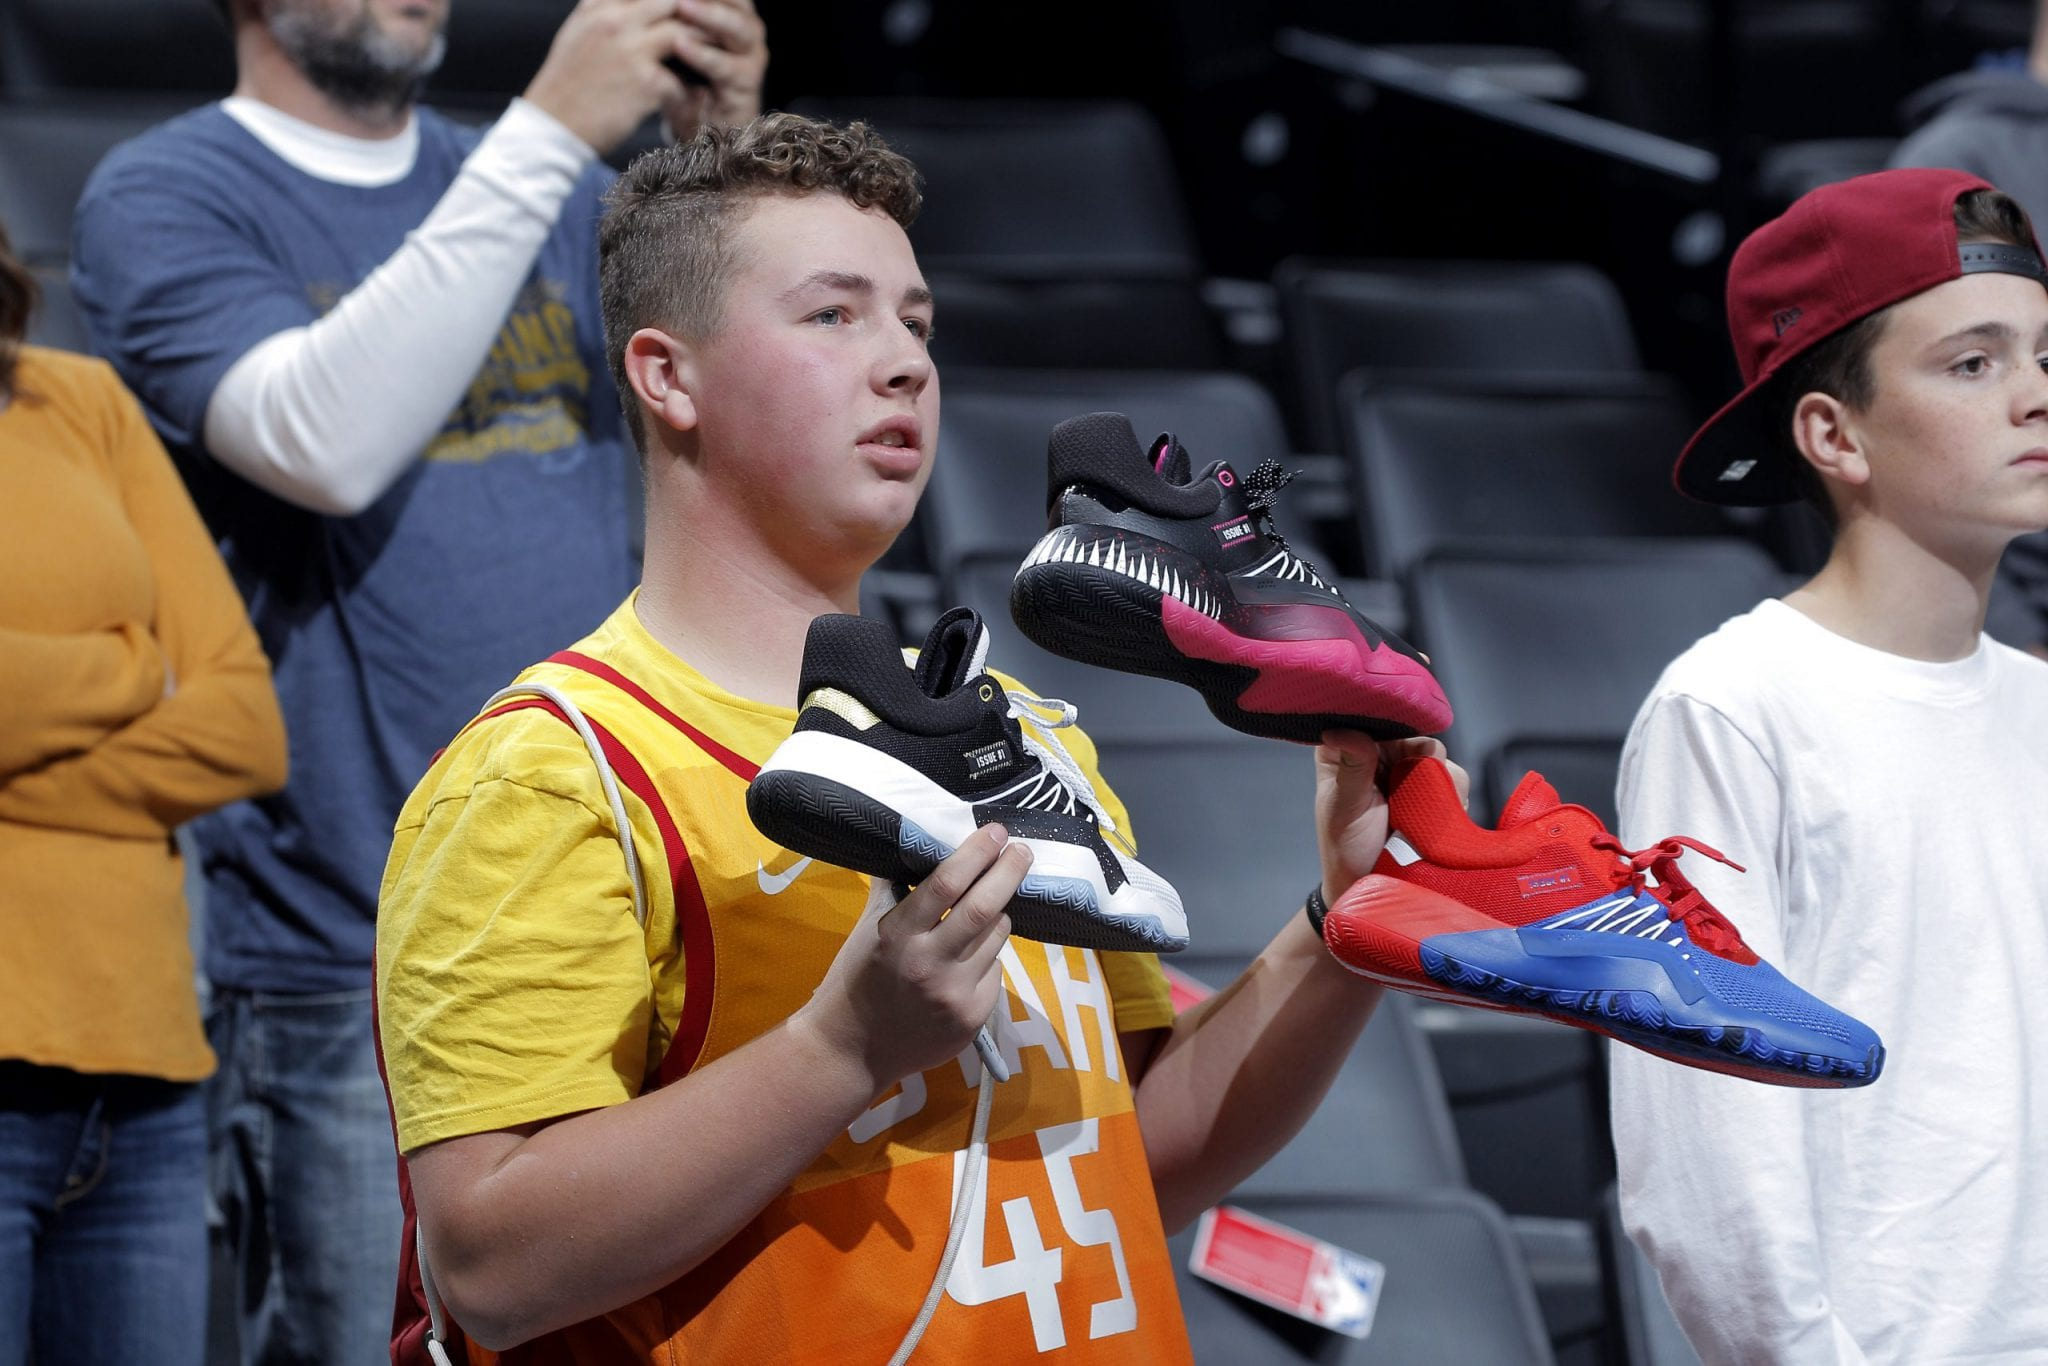 Un Power Ranking… de zapatillas NBA. Ajero opina del arranque de temporada